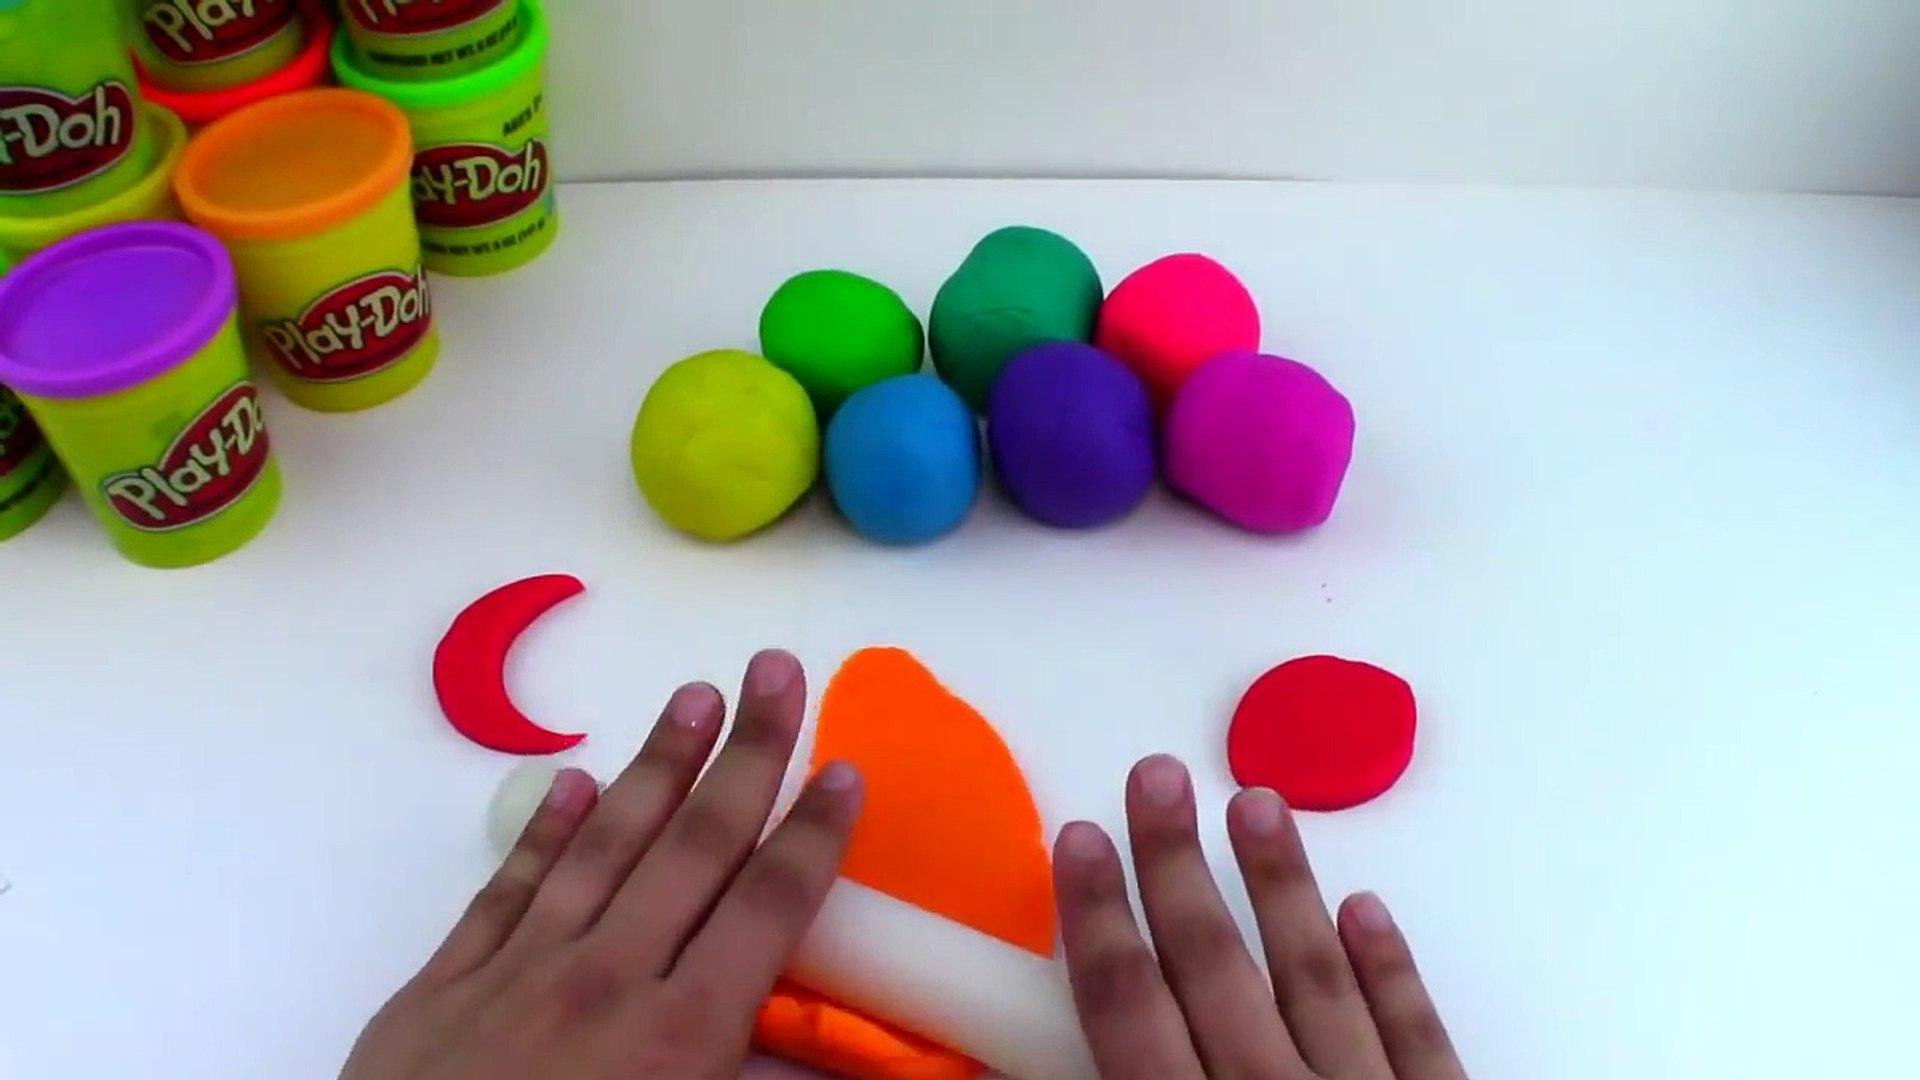 Play Doh Rainbow Flower Lollipop Play Doh Ice Cream Popsicle Rainbow Learning DIY Rainbow Flower